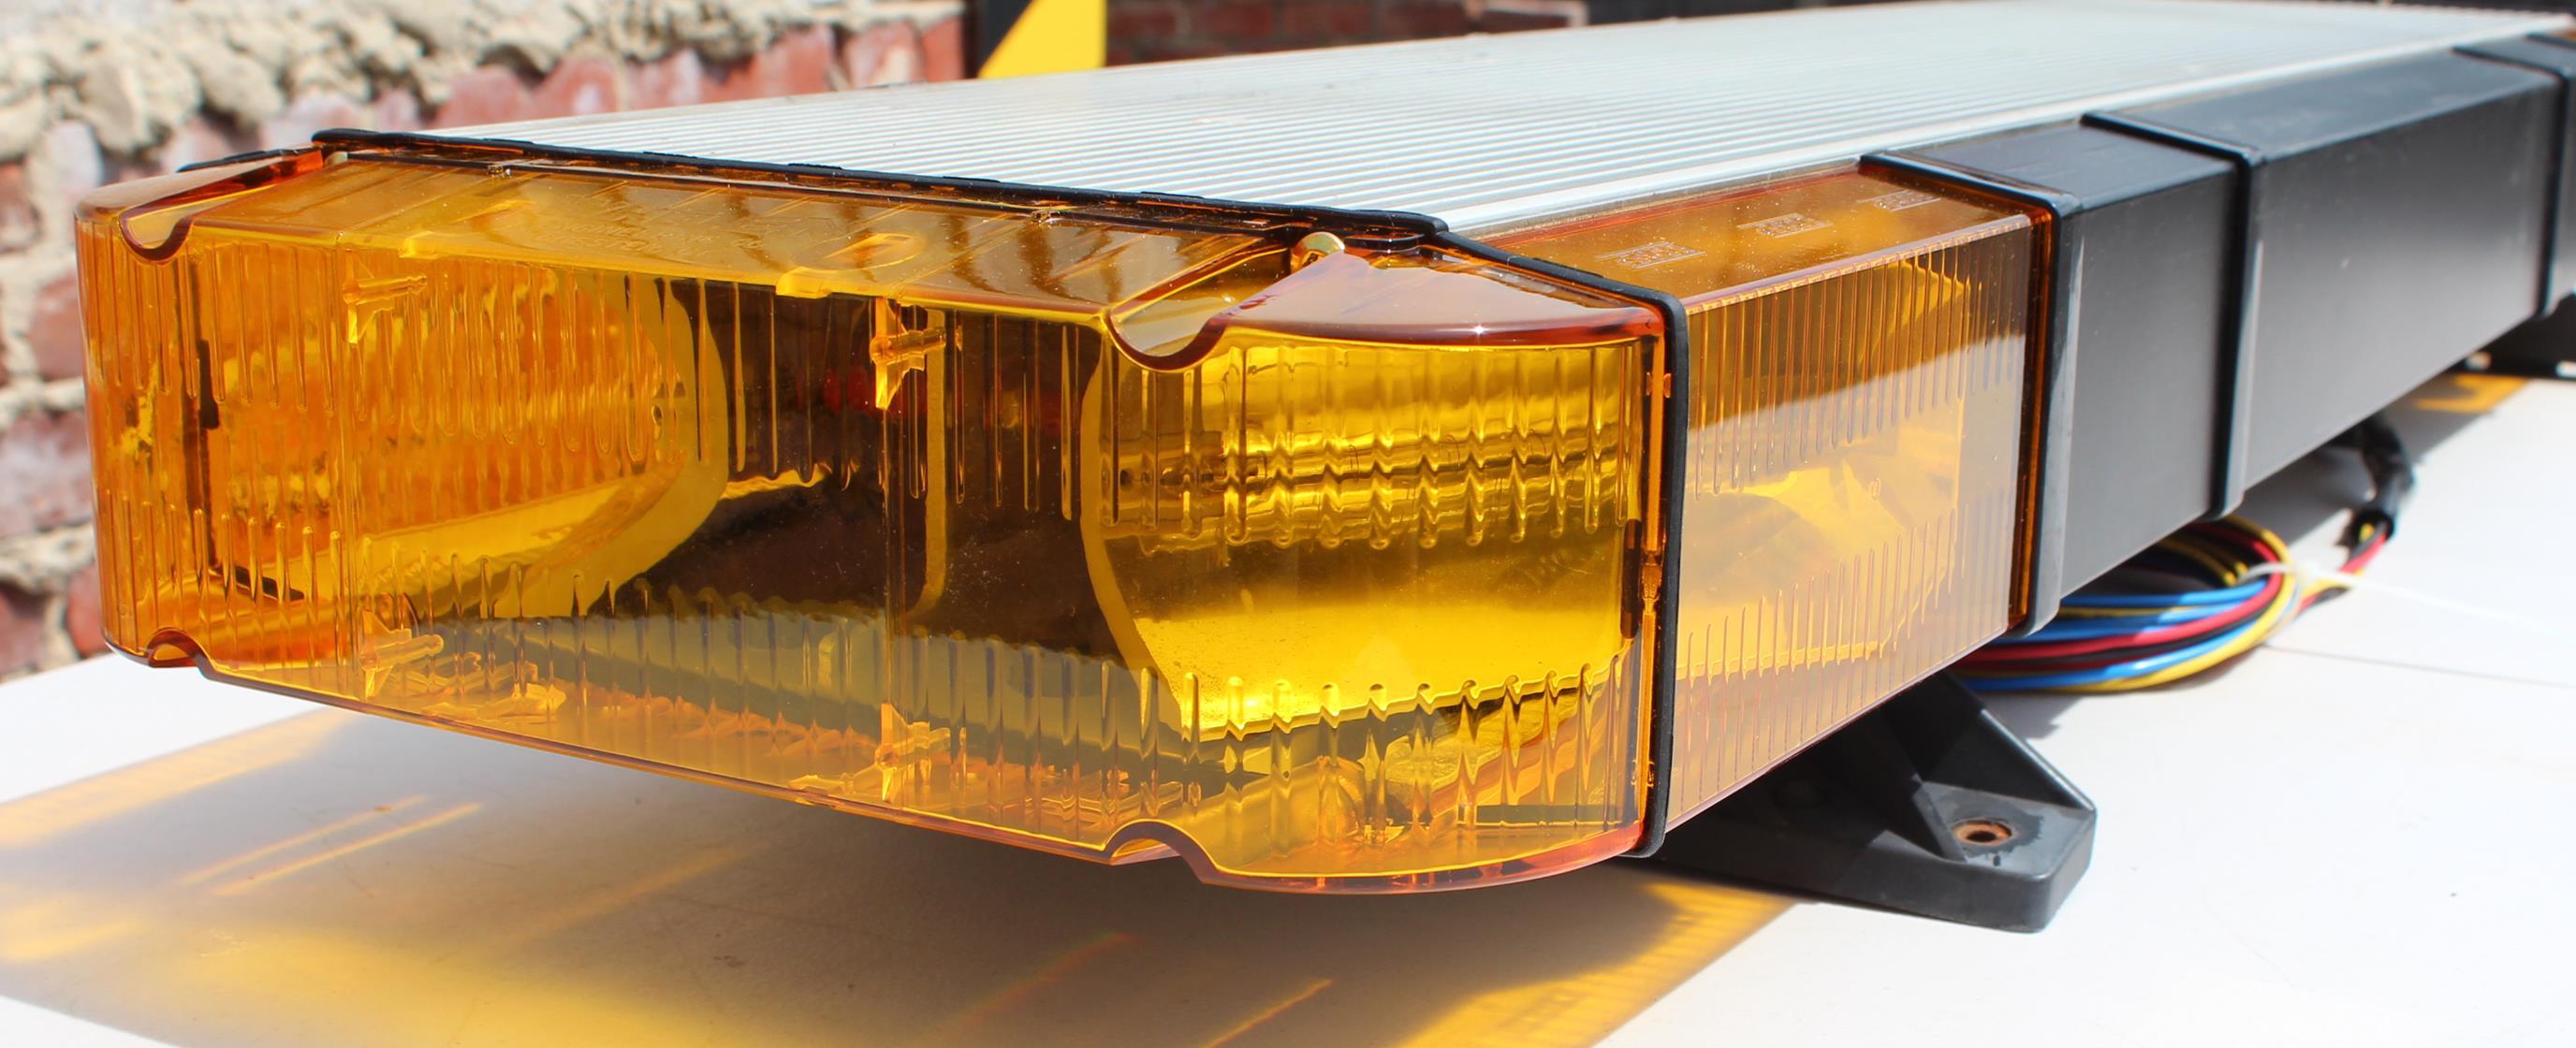 Whelen edge ultra lightbar whelen edge ultra basic strobe lightbar mozeypictures Choice Image